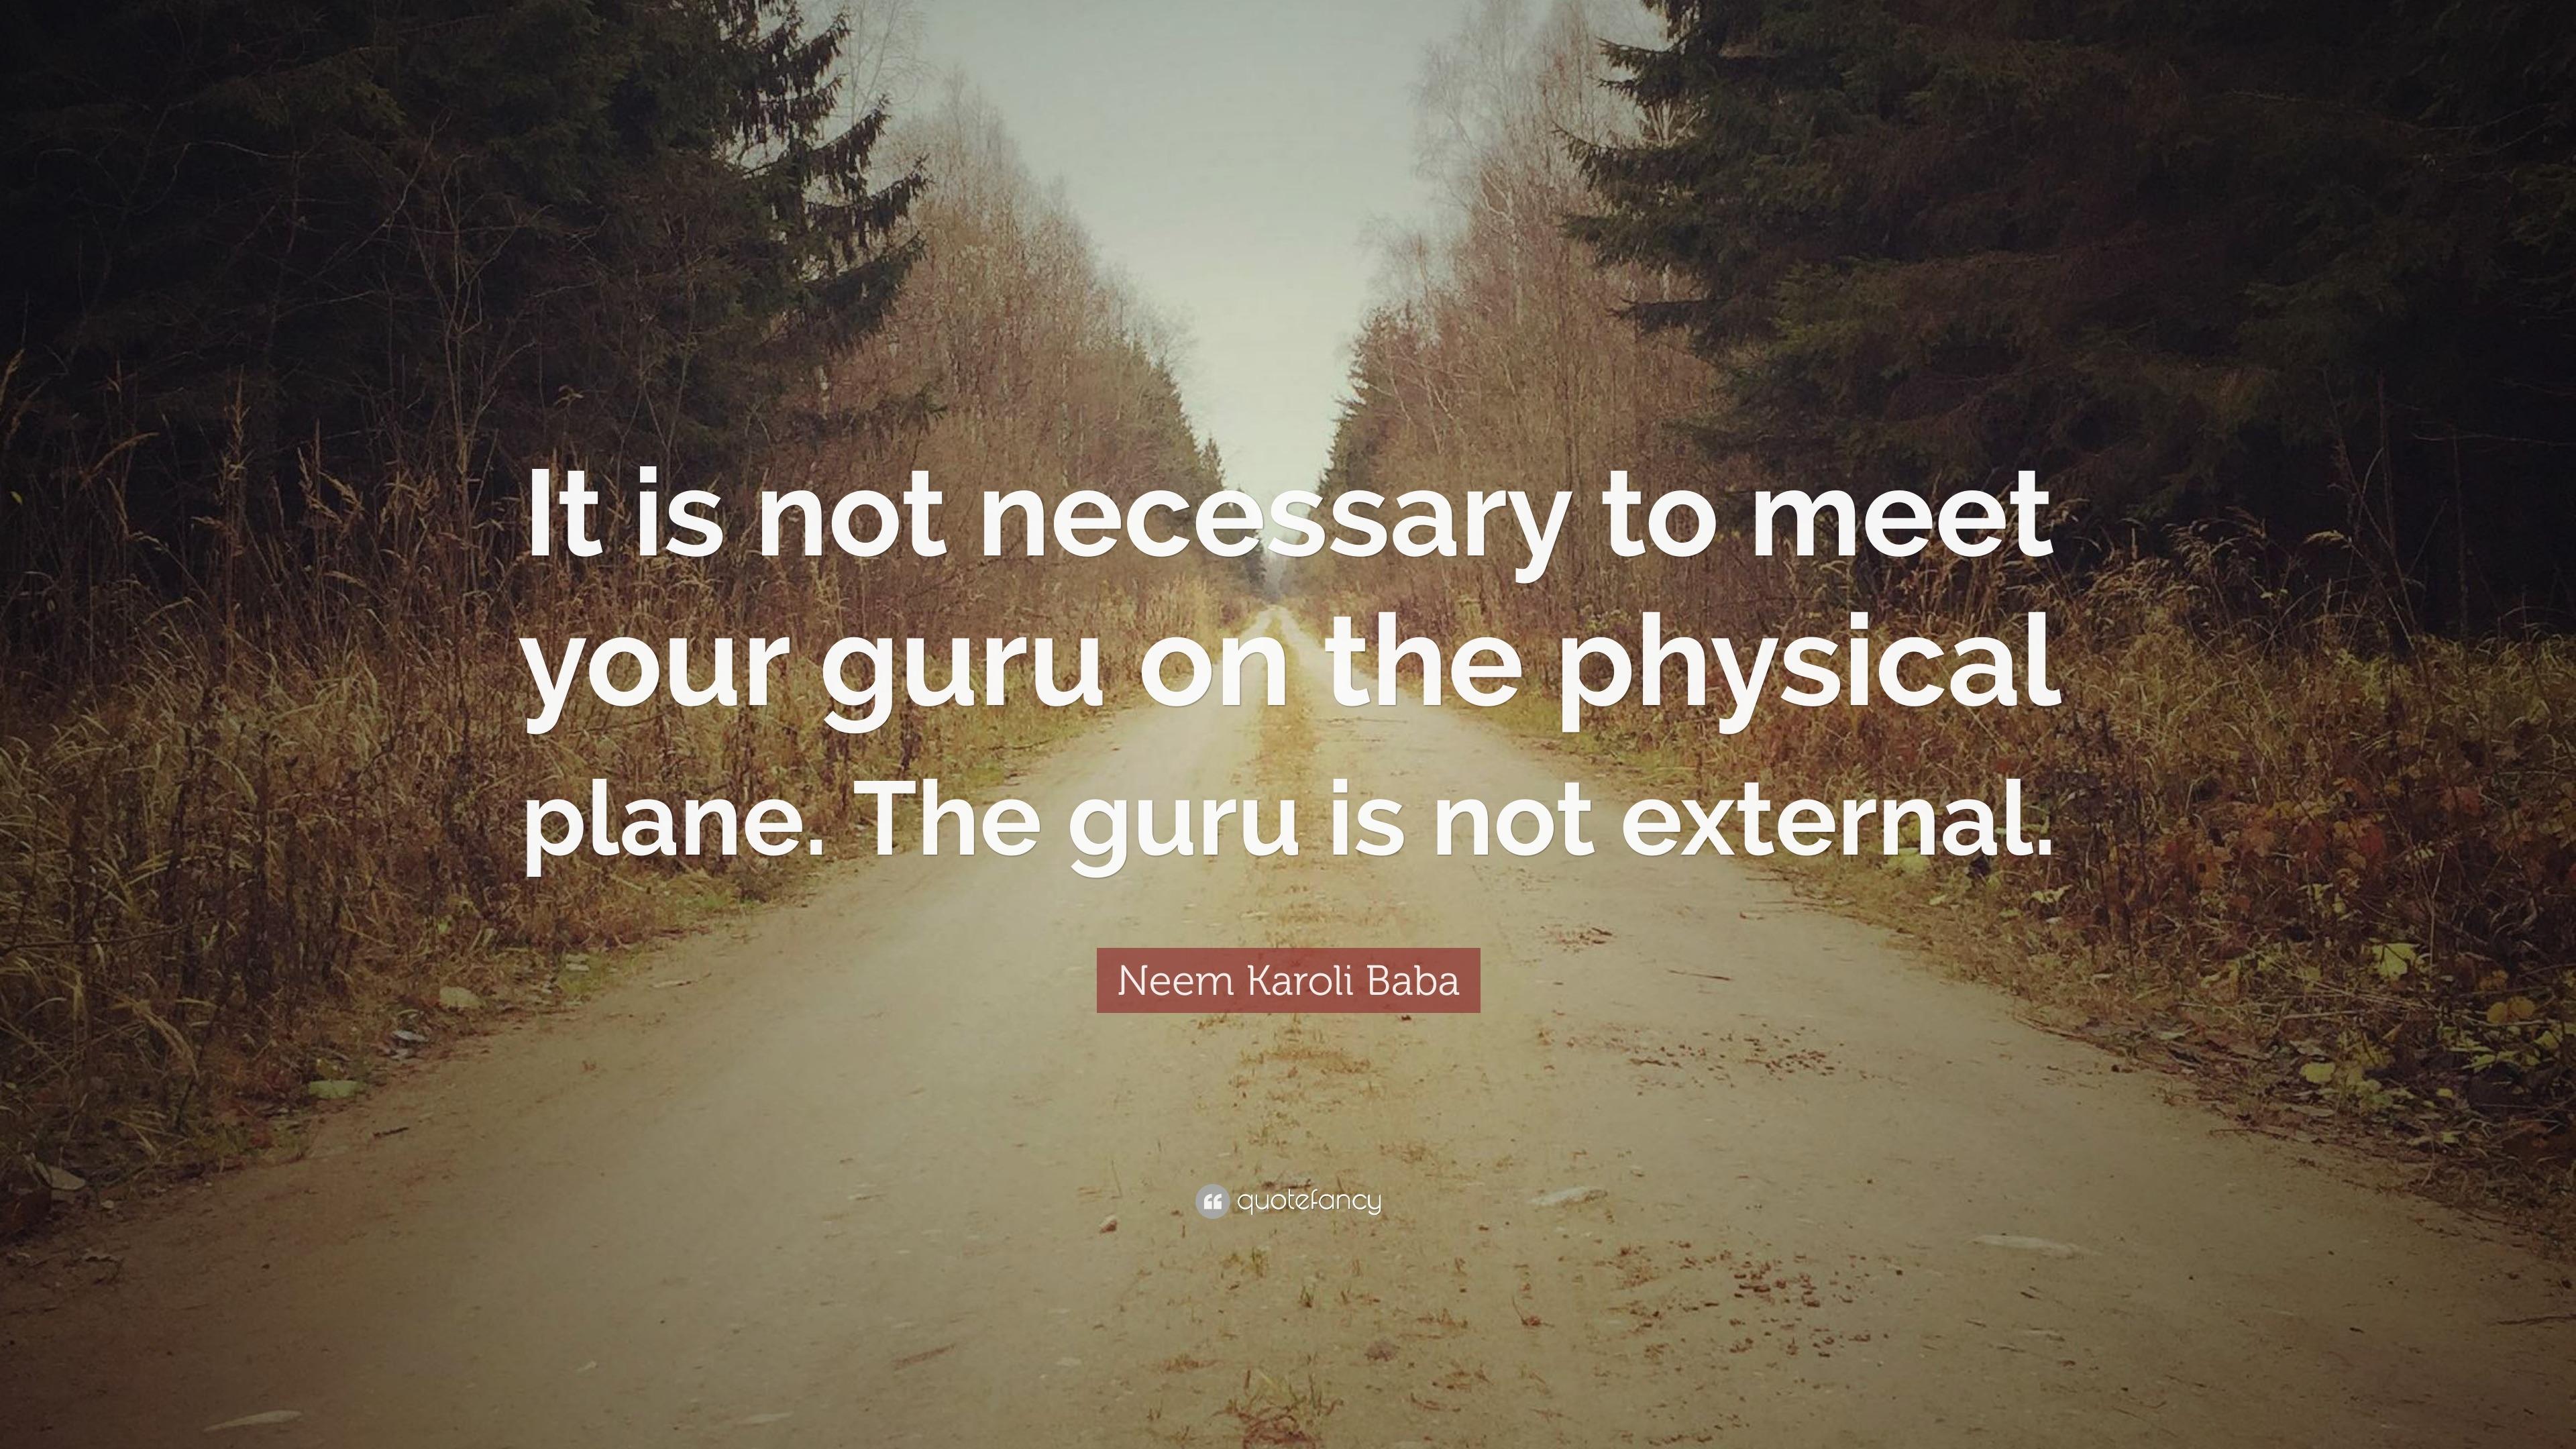 how to meet your guru